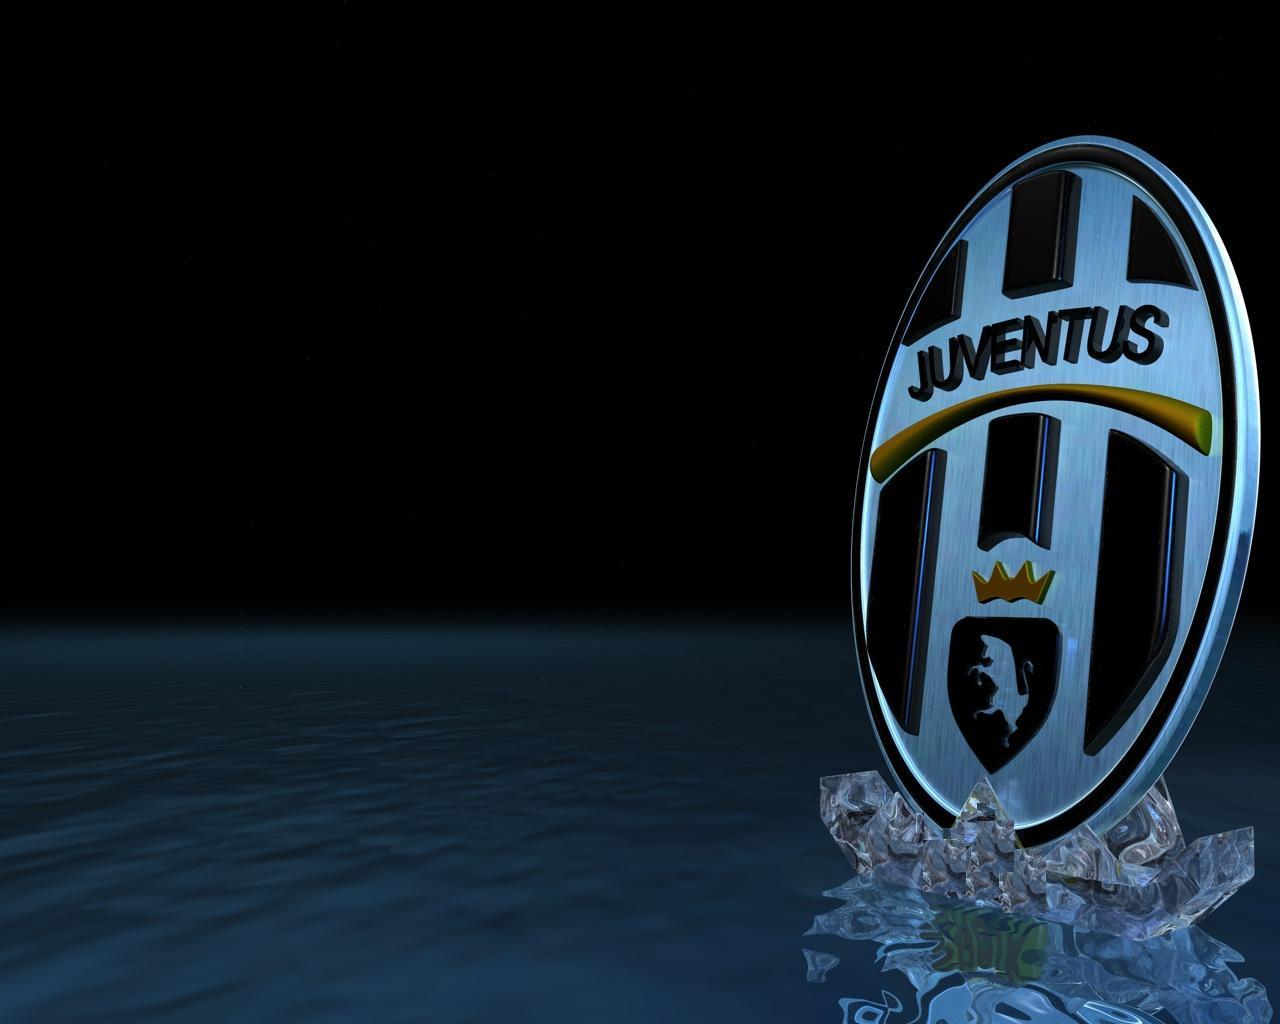 Juventus 3d Logo Wallpaper Free Download Juventus Fc